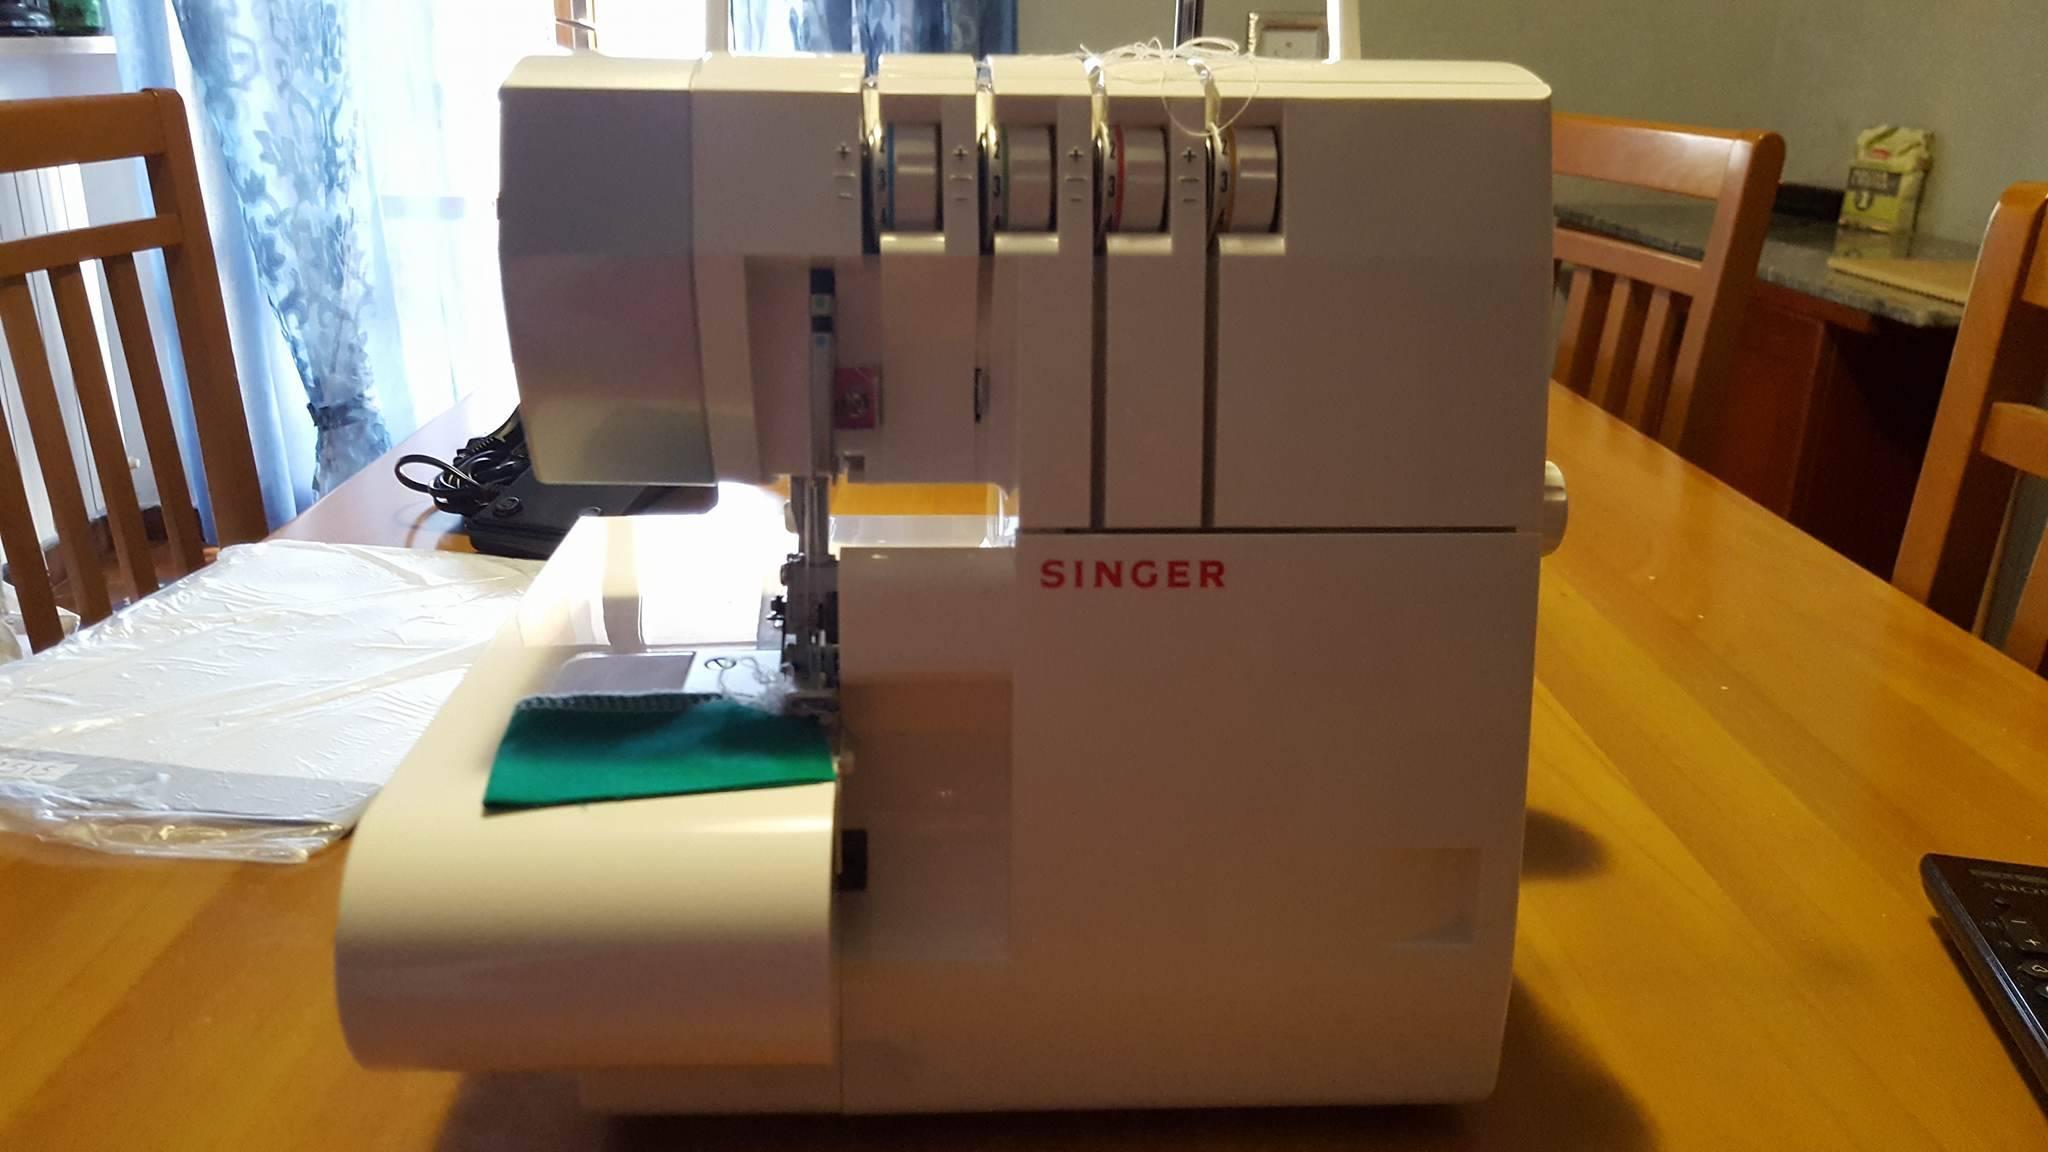 Taglia e cuci singer acquistata alla lidl manicreative for Lidl offerte della settimana macchina da cucire